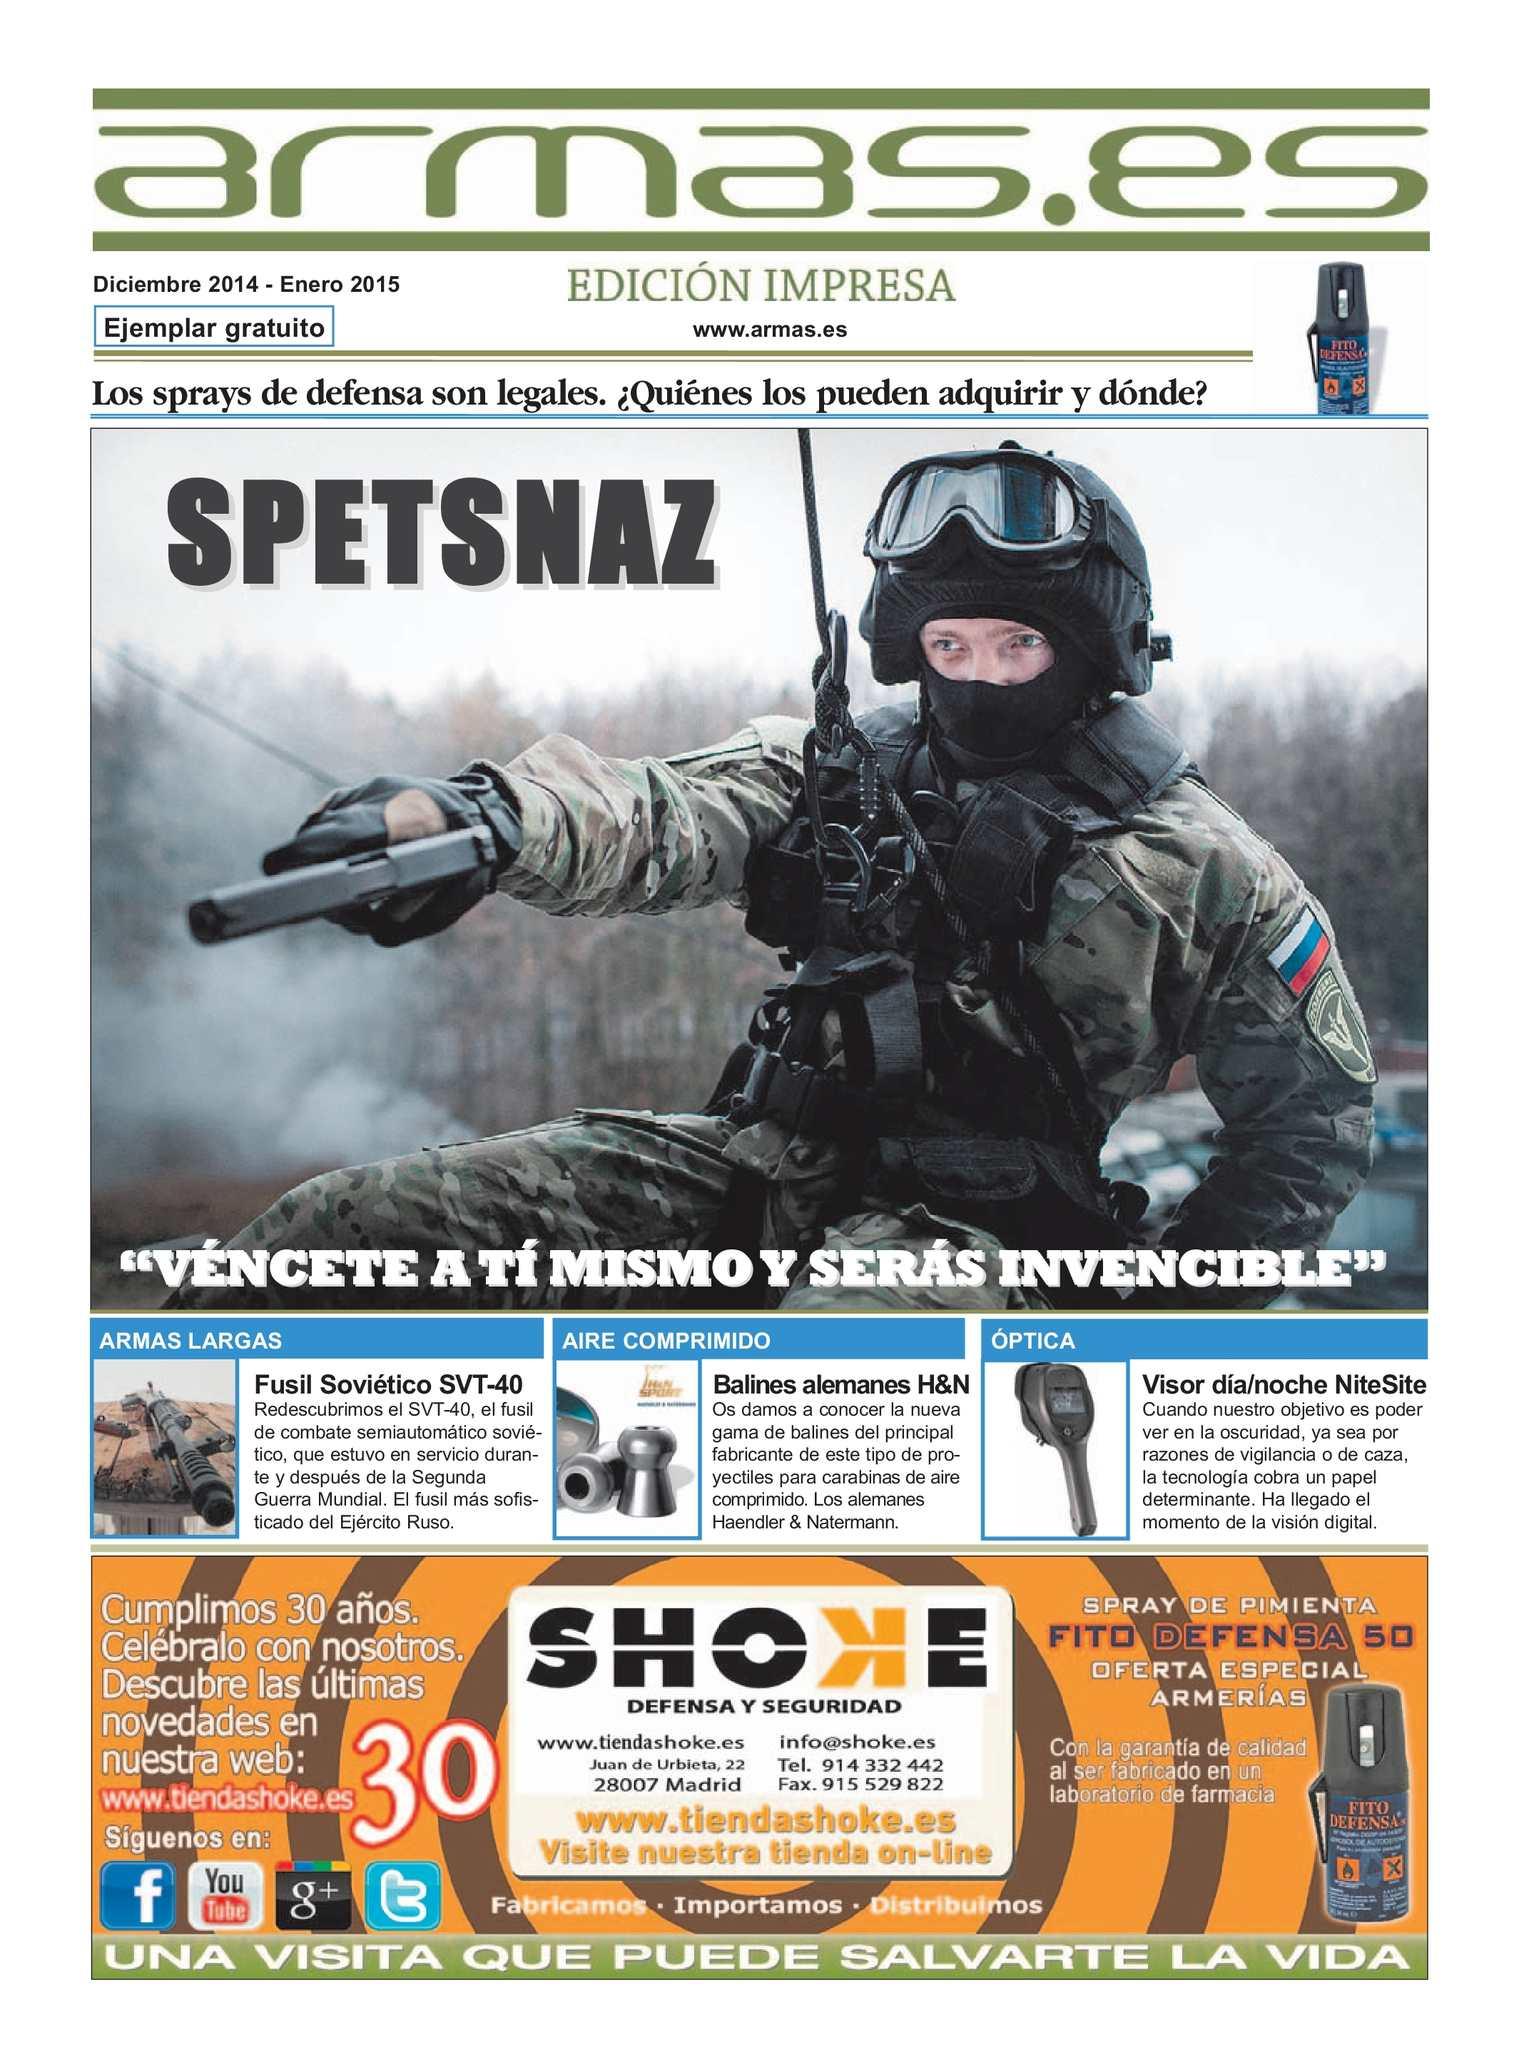 Calaméo - Periodico Armas Diciembre 2014 nº 57